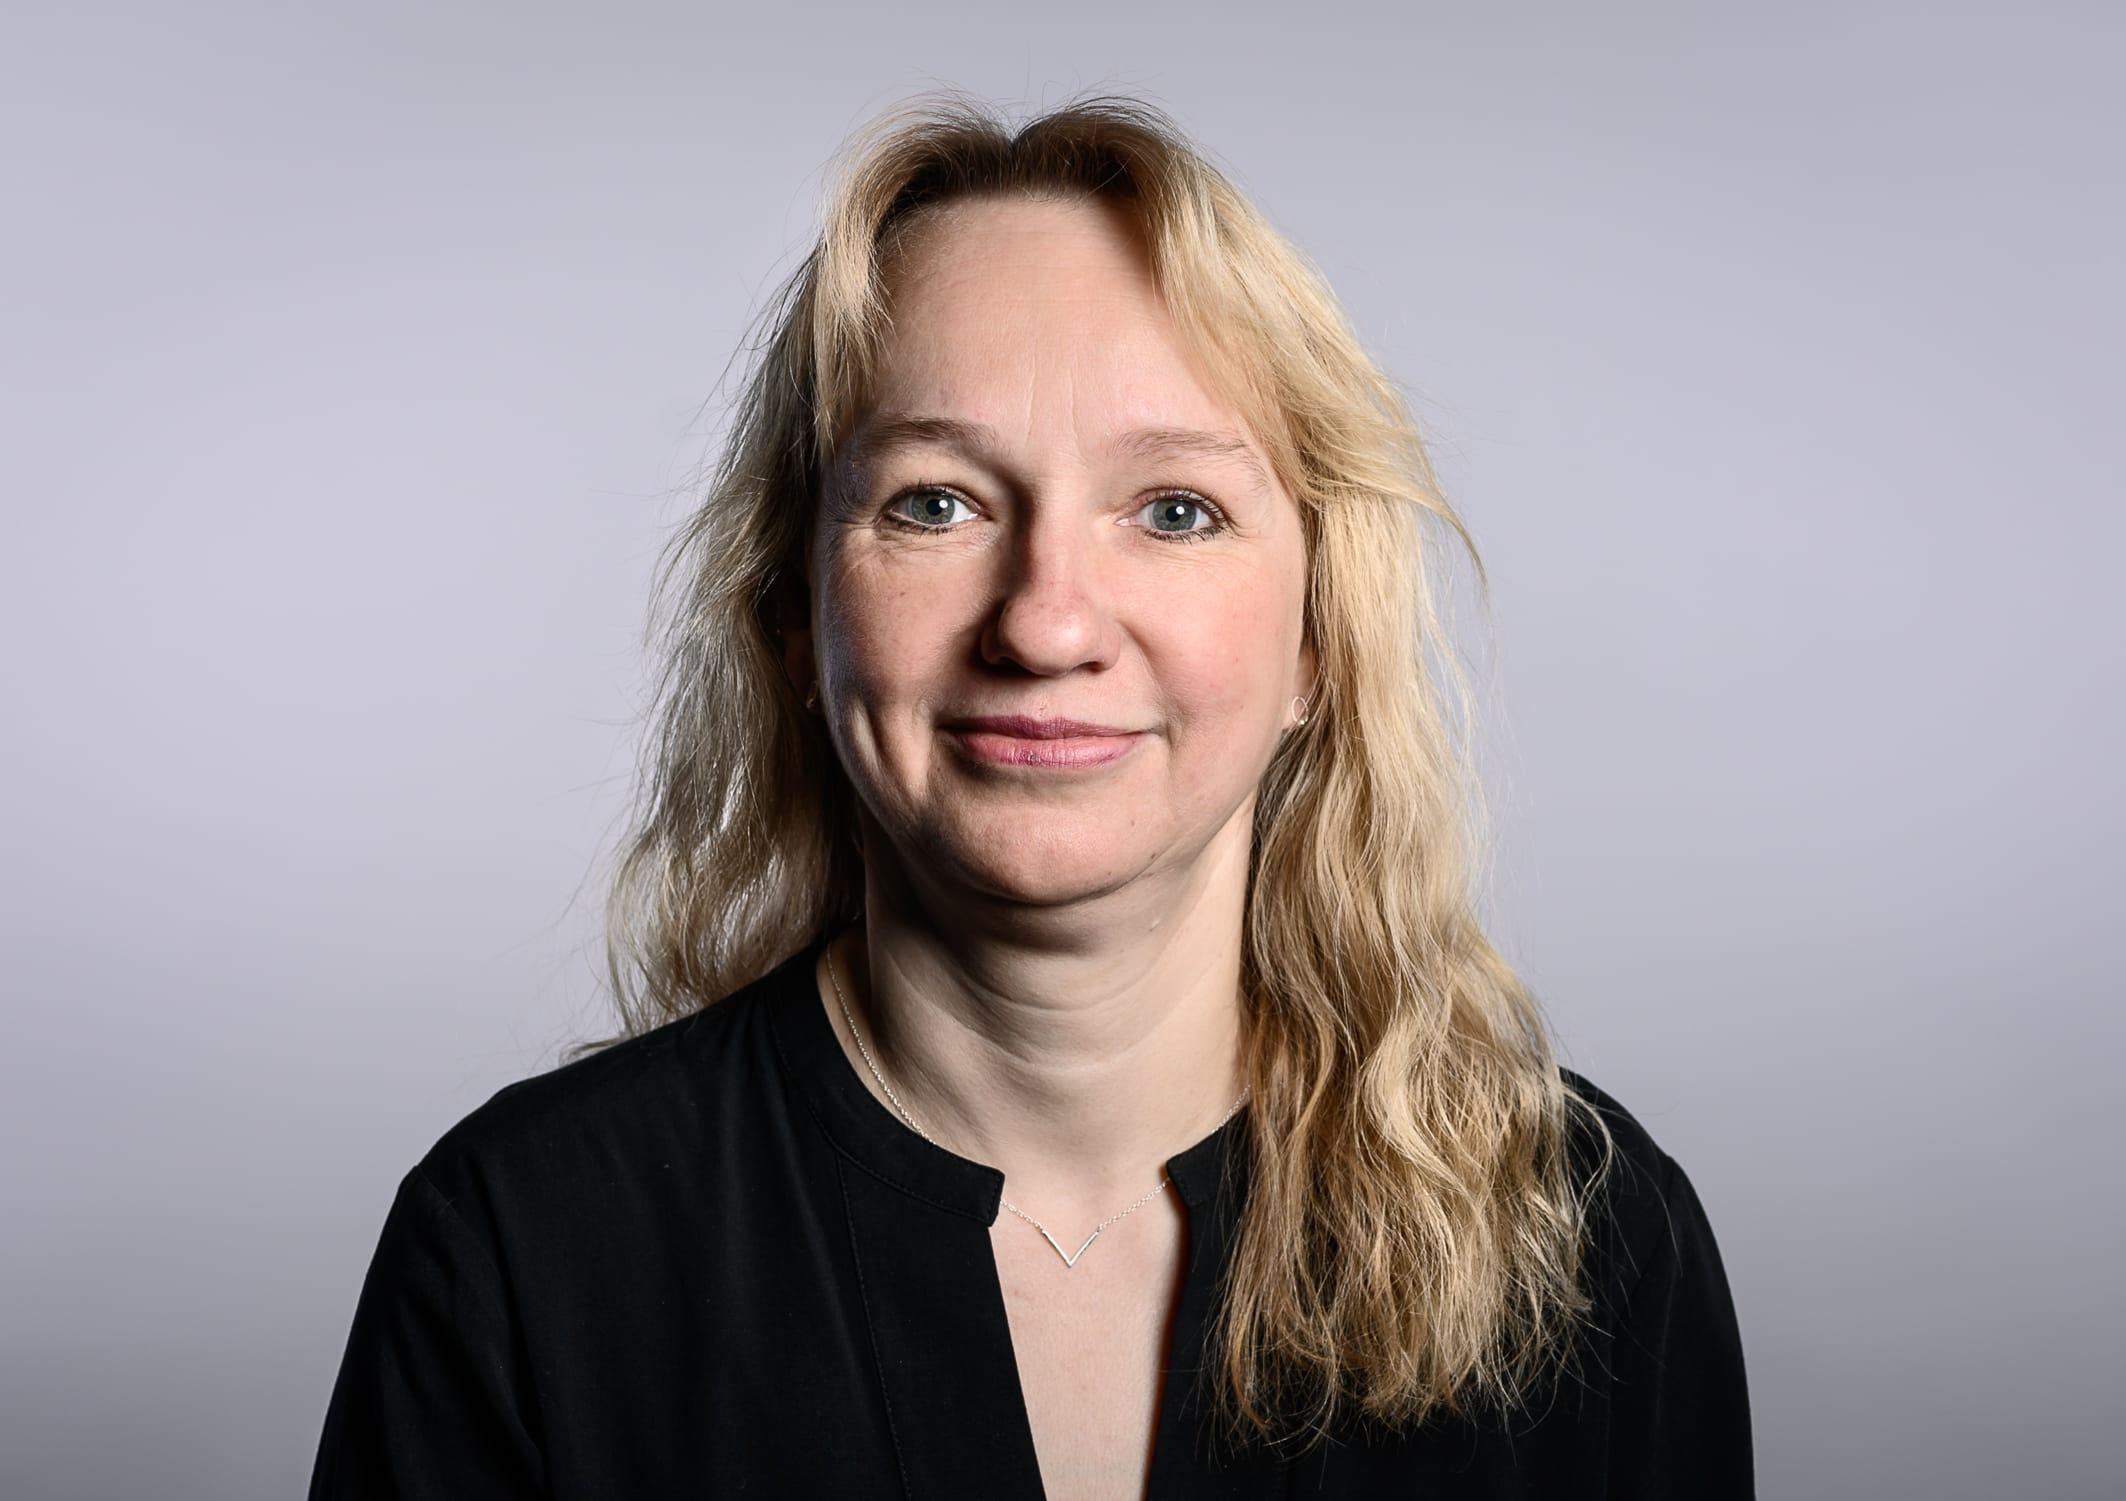 portrait Foto von Birgit Brinkmann